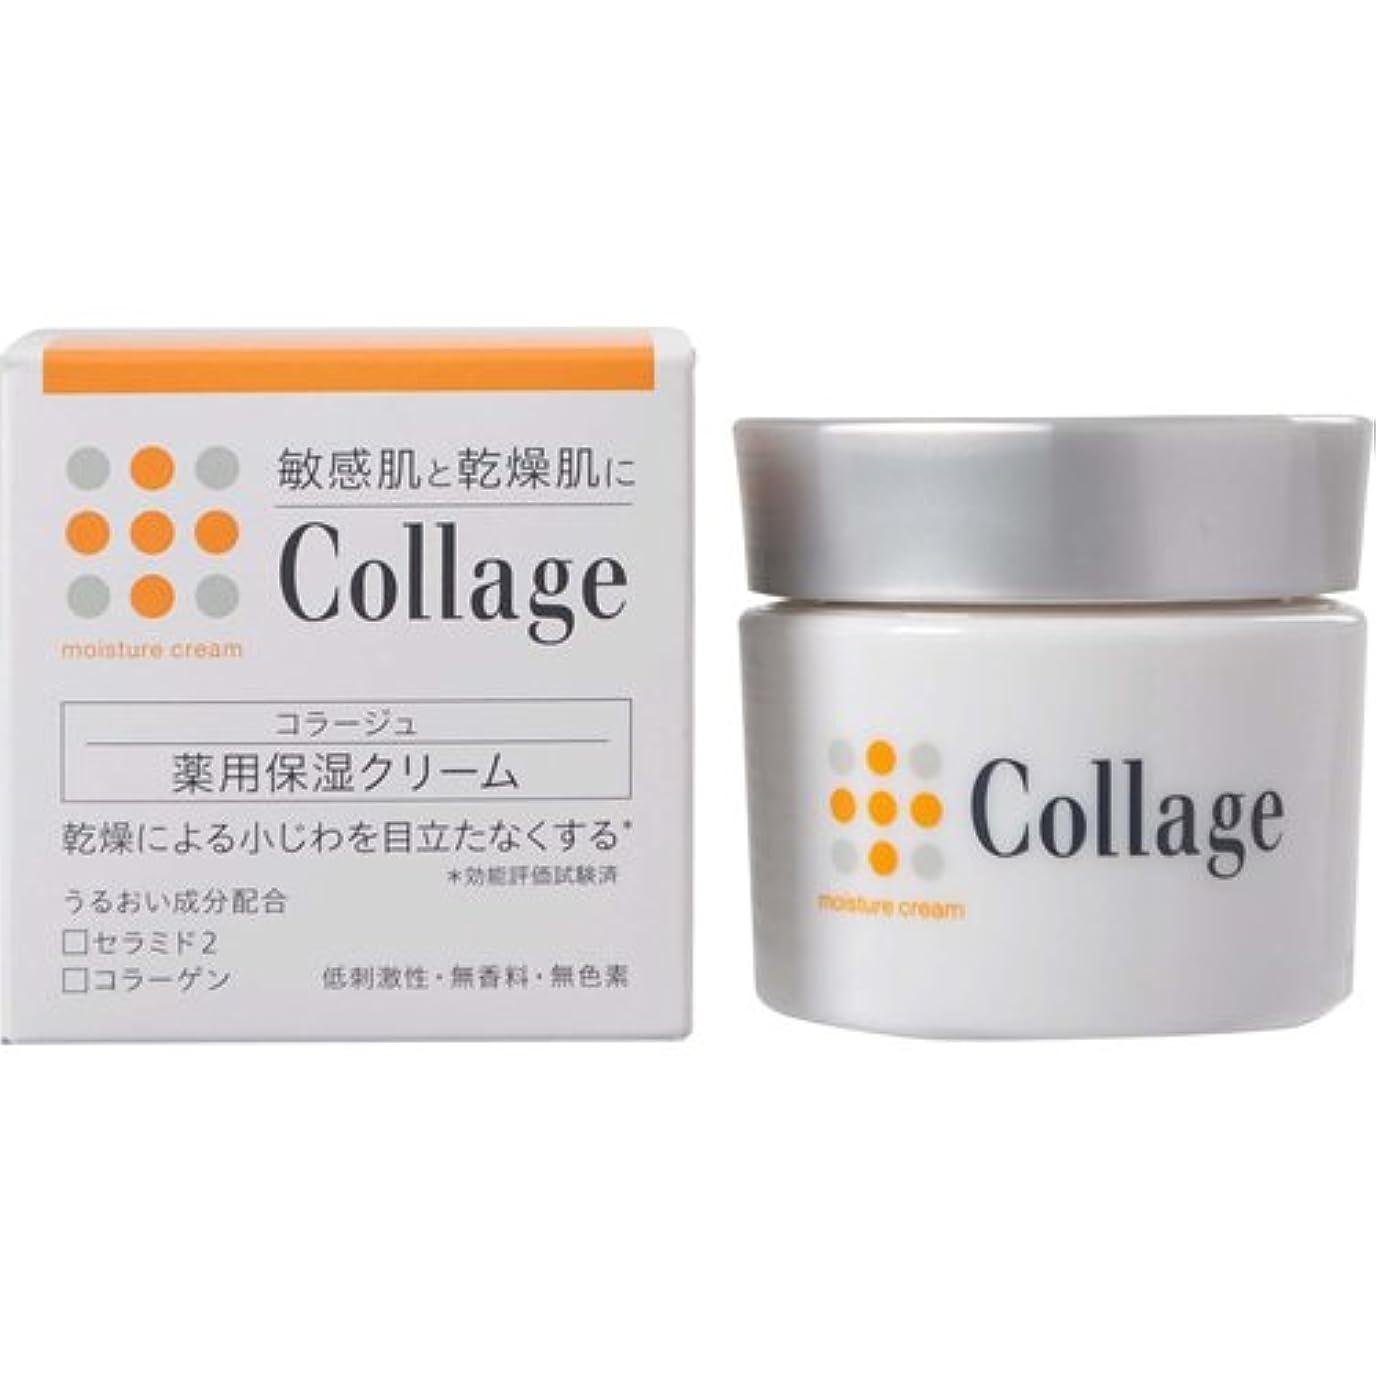 戸棚私たちの知的コラージュ 薬用保湿クリーム 30g 【医薬部外品】